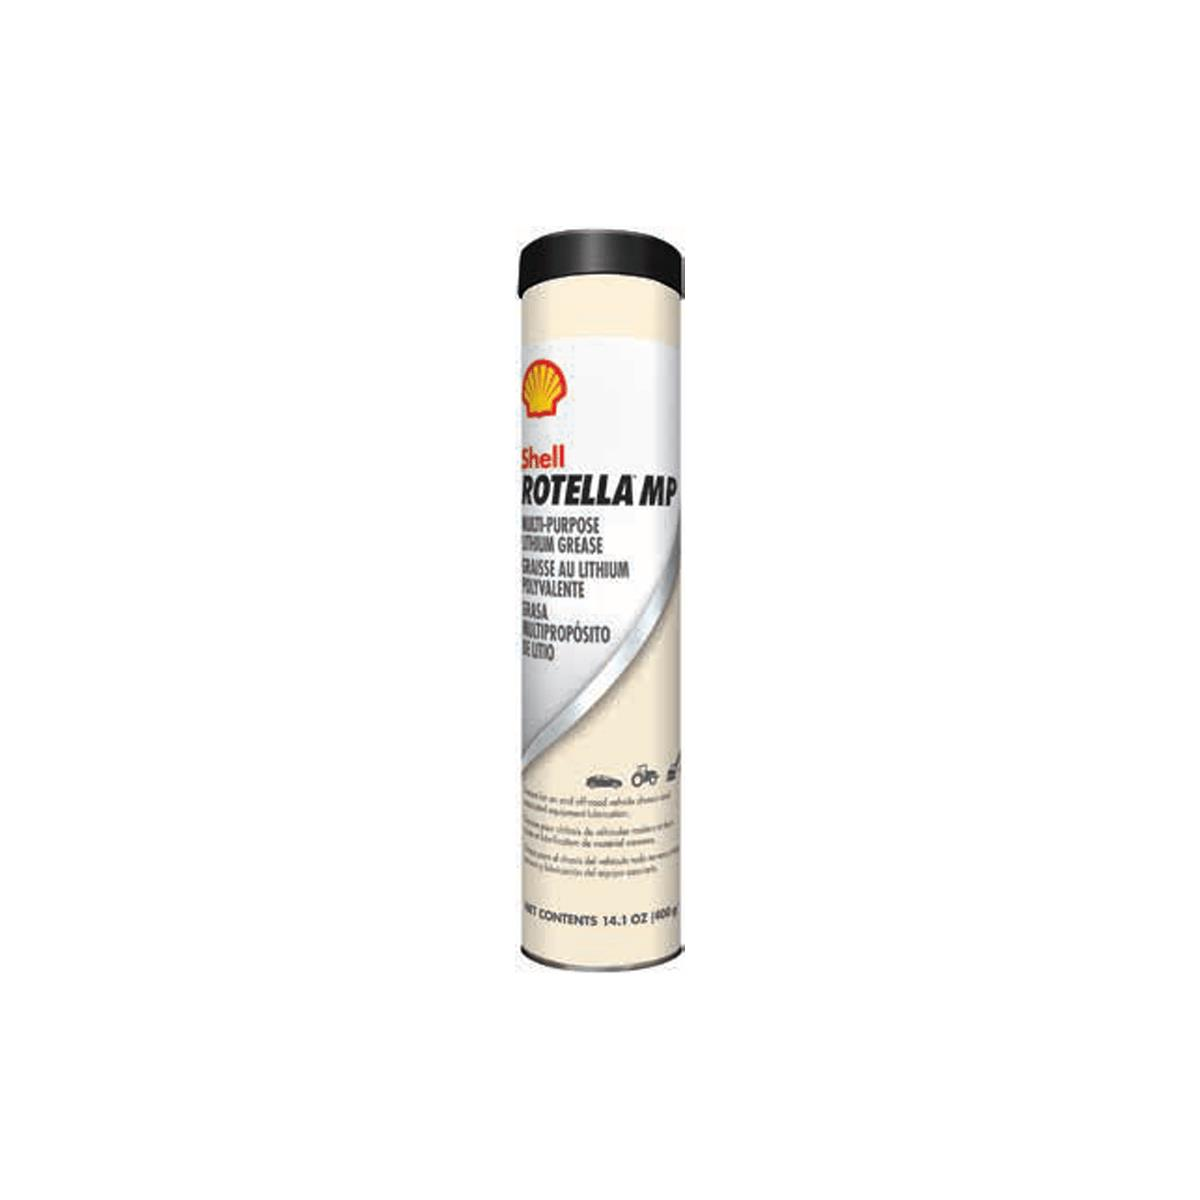 Shell ROTELLA® MP Grease 400g